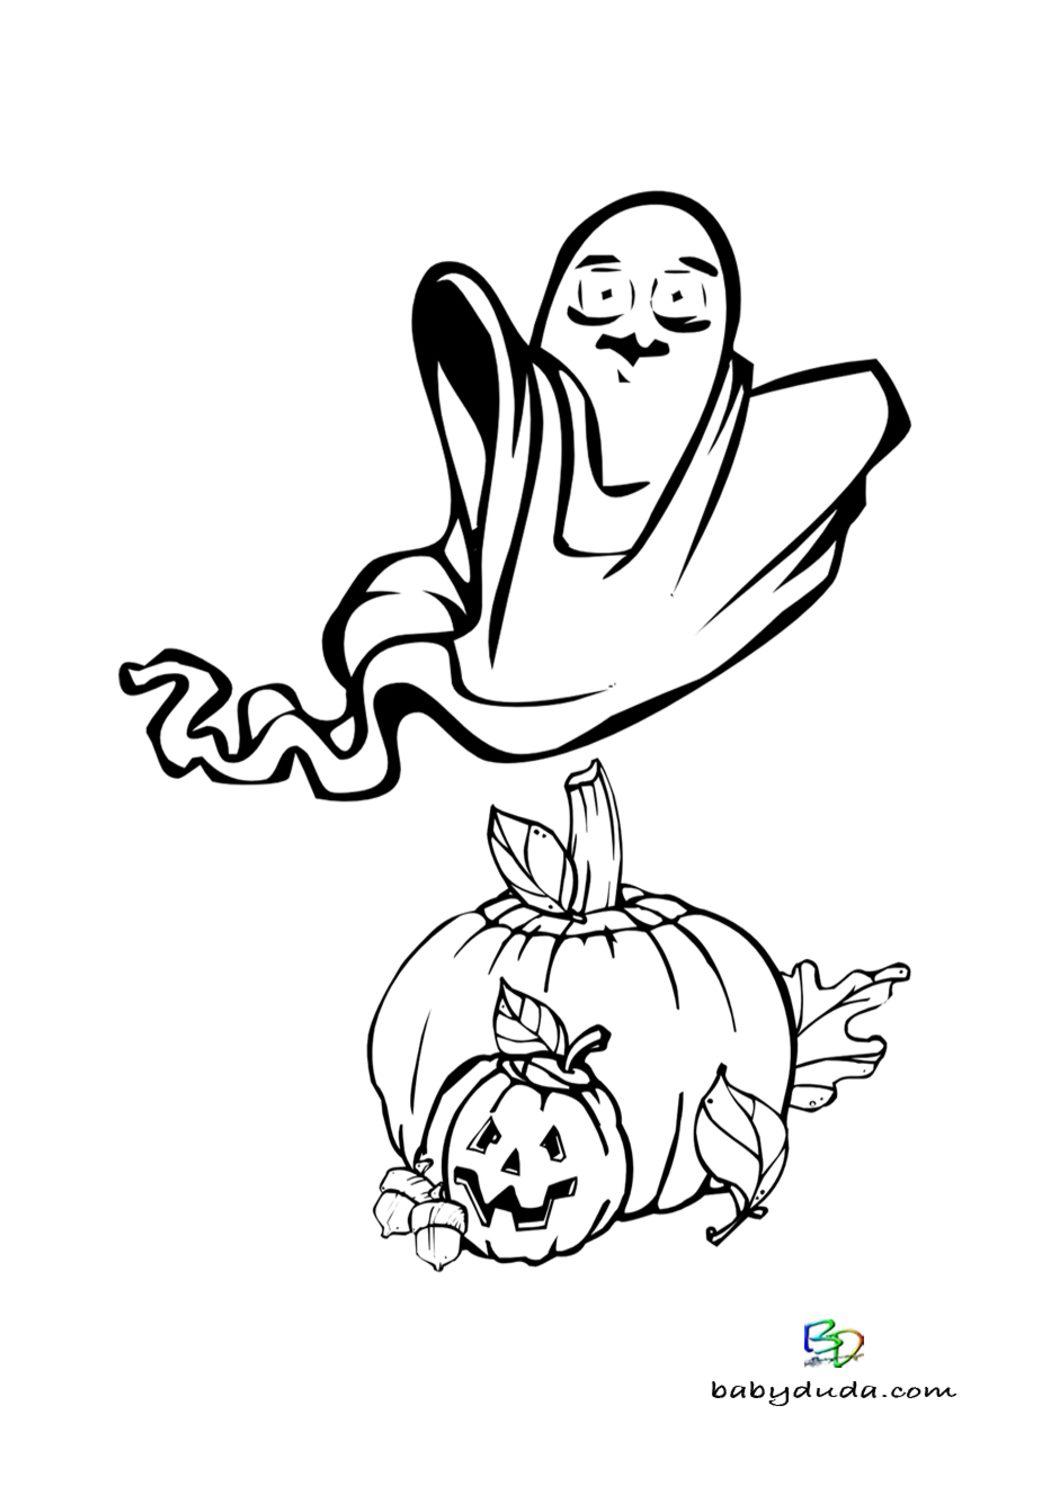 Ausmalbilder Halloween Geist : Die Fabelhaften Ausmalbilder Kostenlos Halloween Kurbis